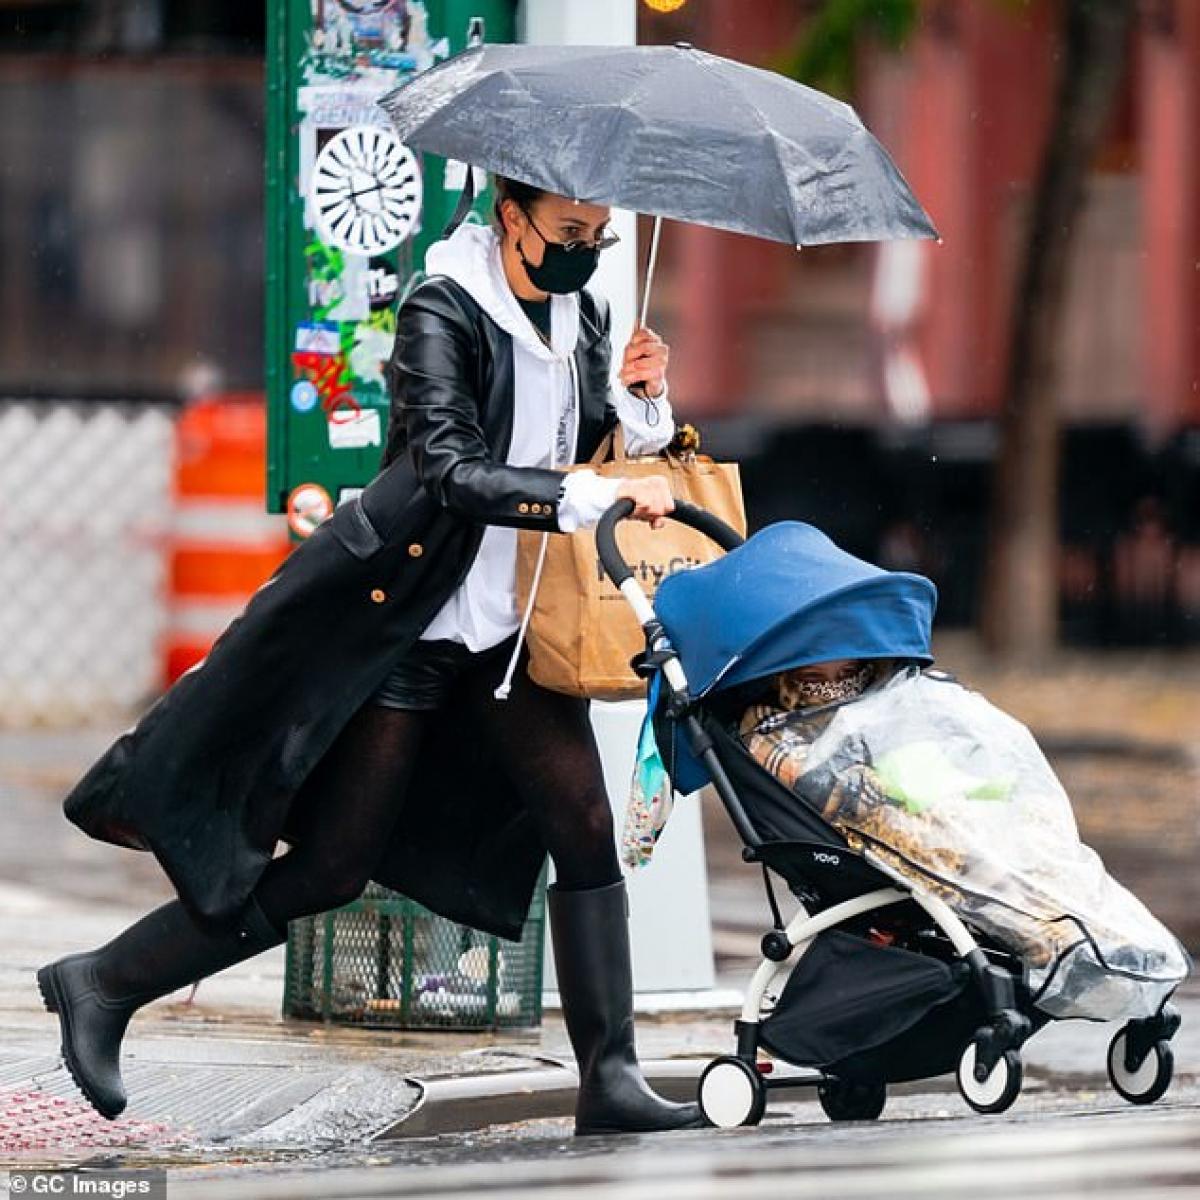 Irina Shayk bị cánh săn ảnh bắt gặp khi đang đưa con gái cưng Lea đi mua sắm trong ngày mưa ở New York vừa qua.